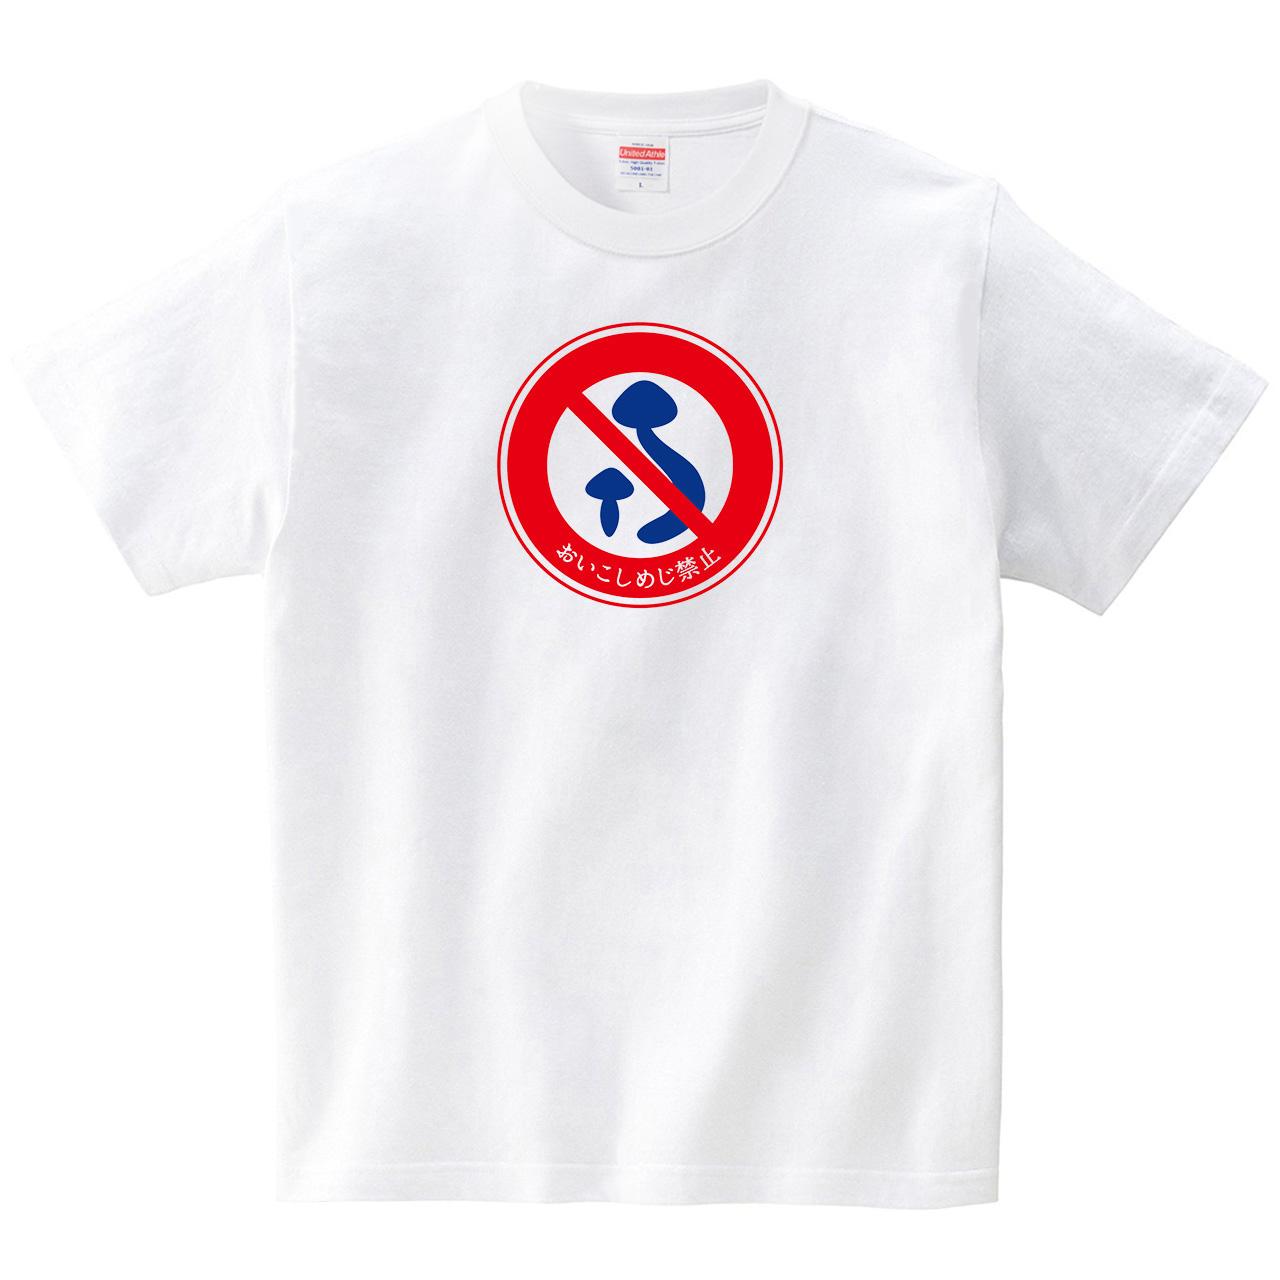 おいこしめじ禁止(Tシャツ・ホワイト)(めぐみさらし)